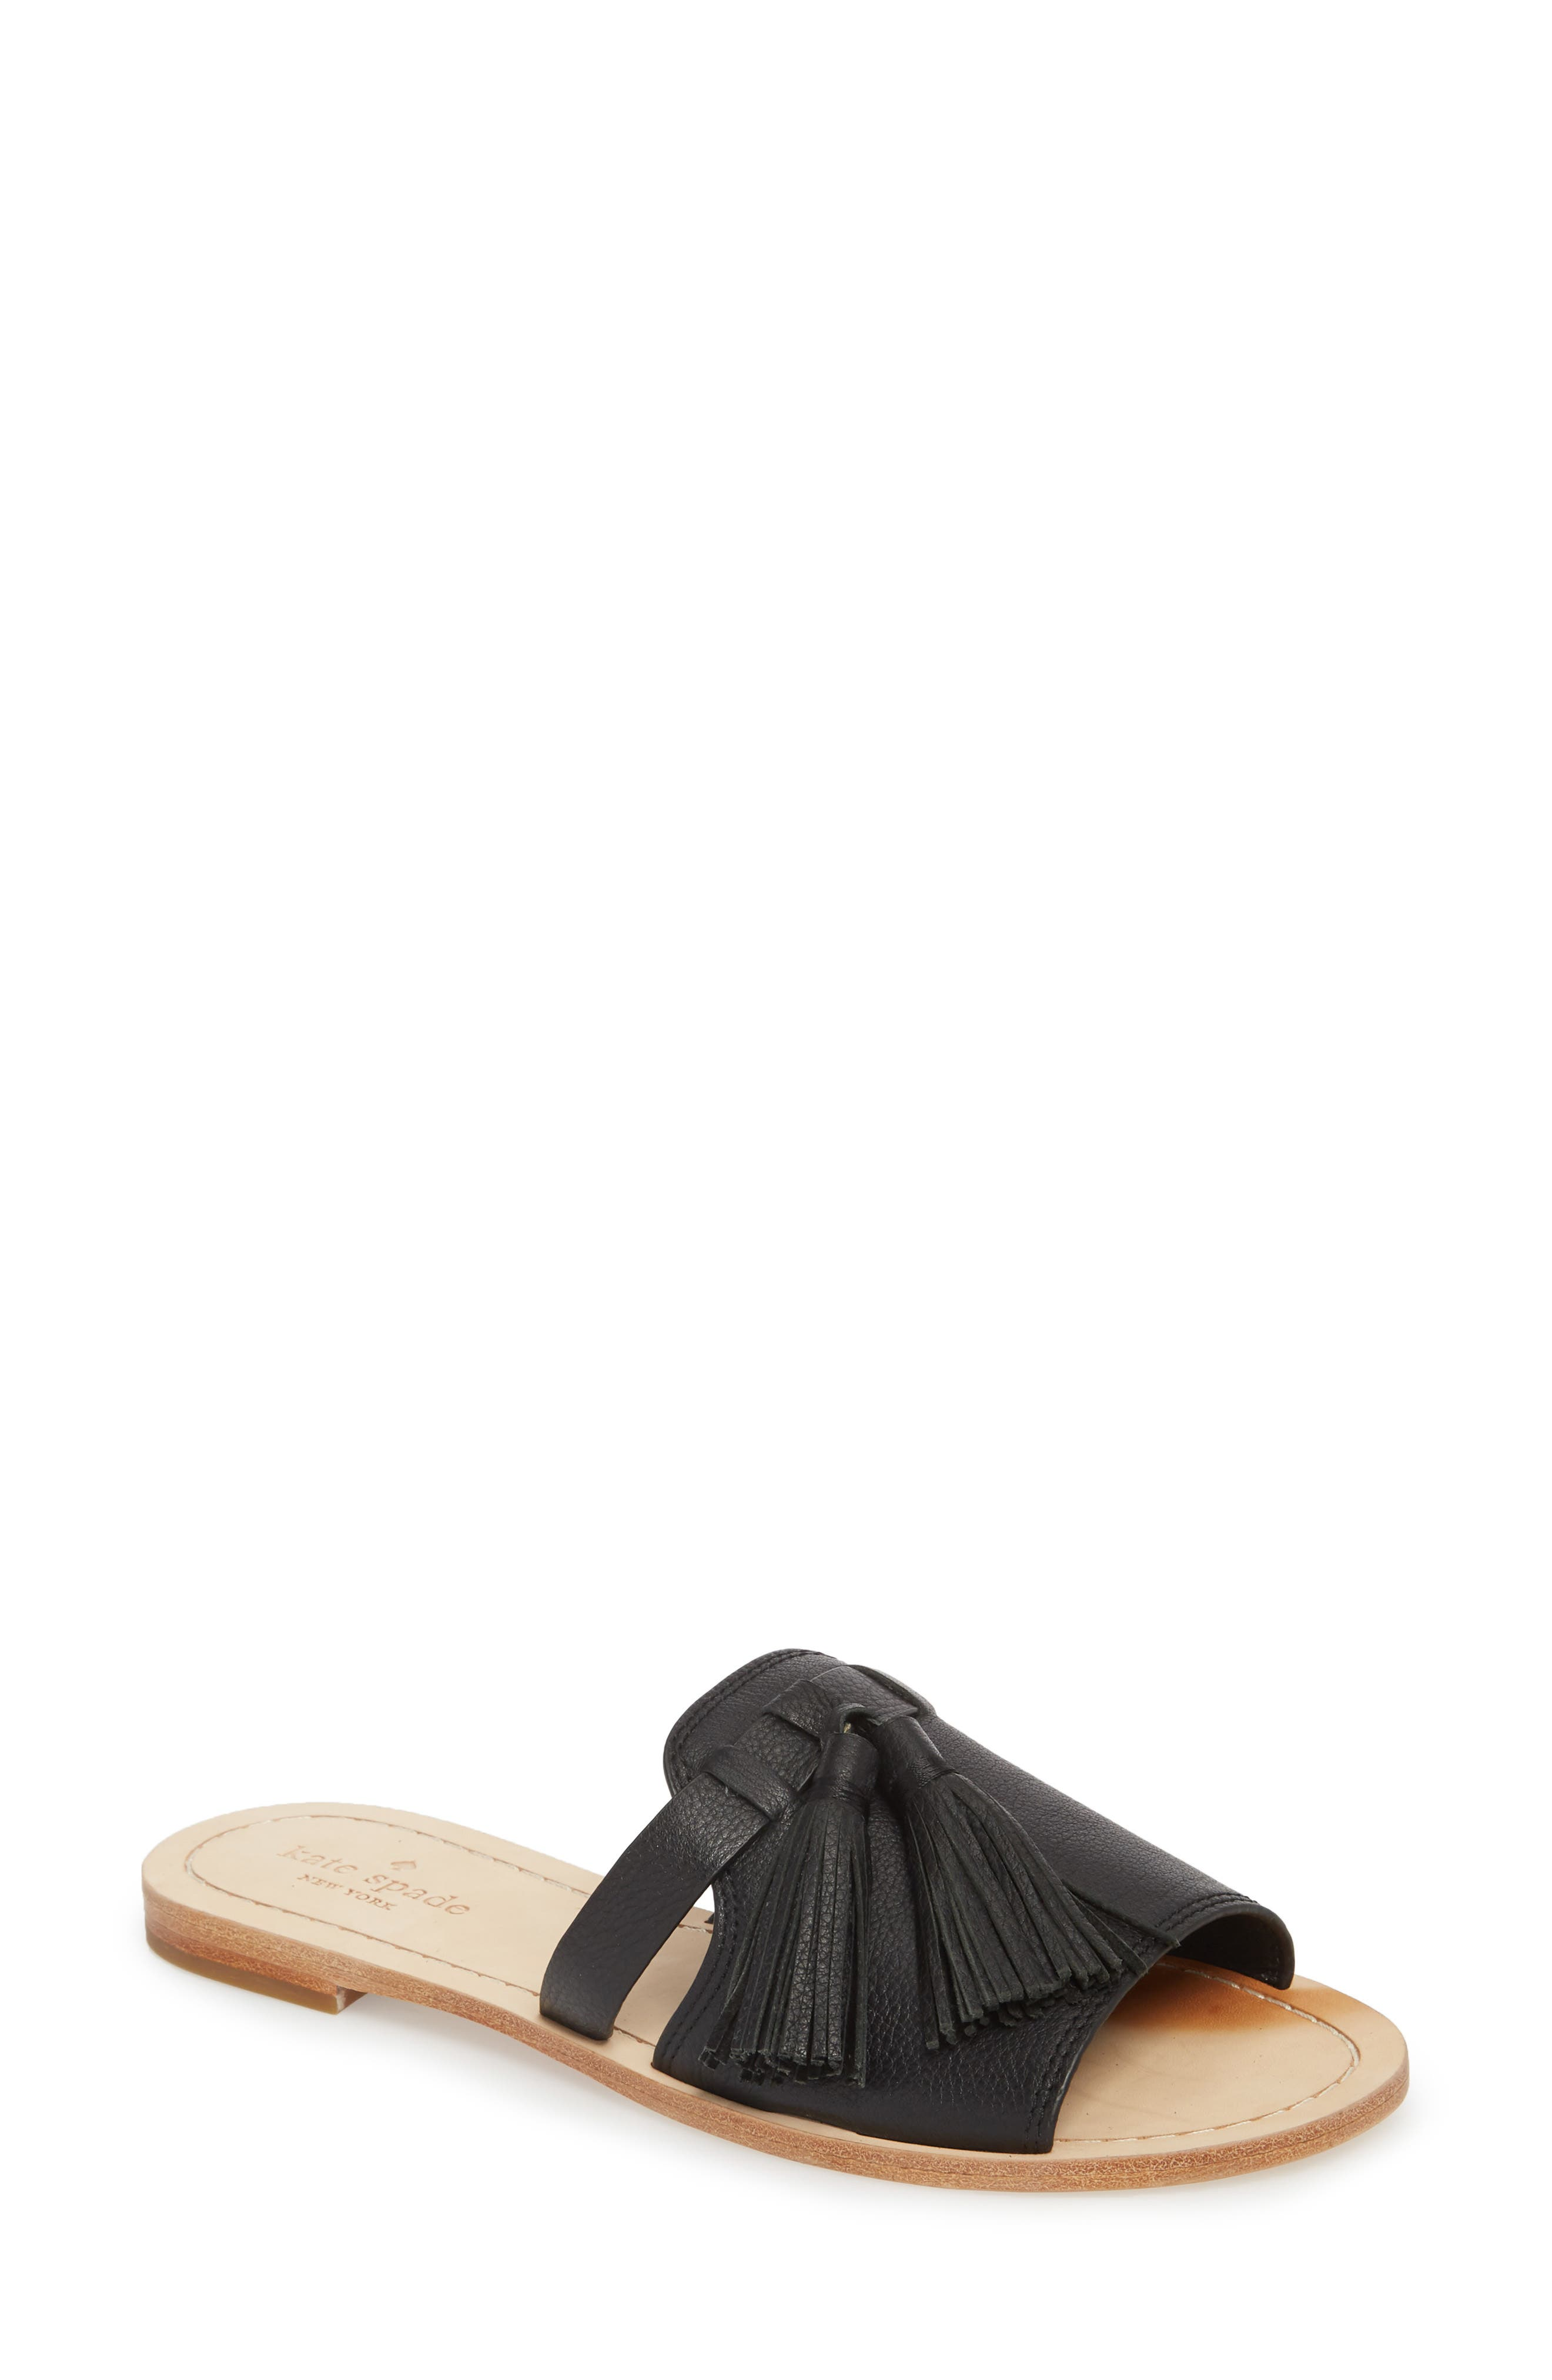 coby tassel slide sandal,                             Main thumbnail 1, color,                             001